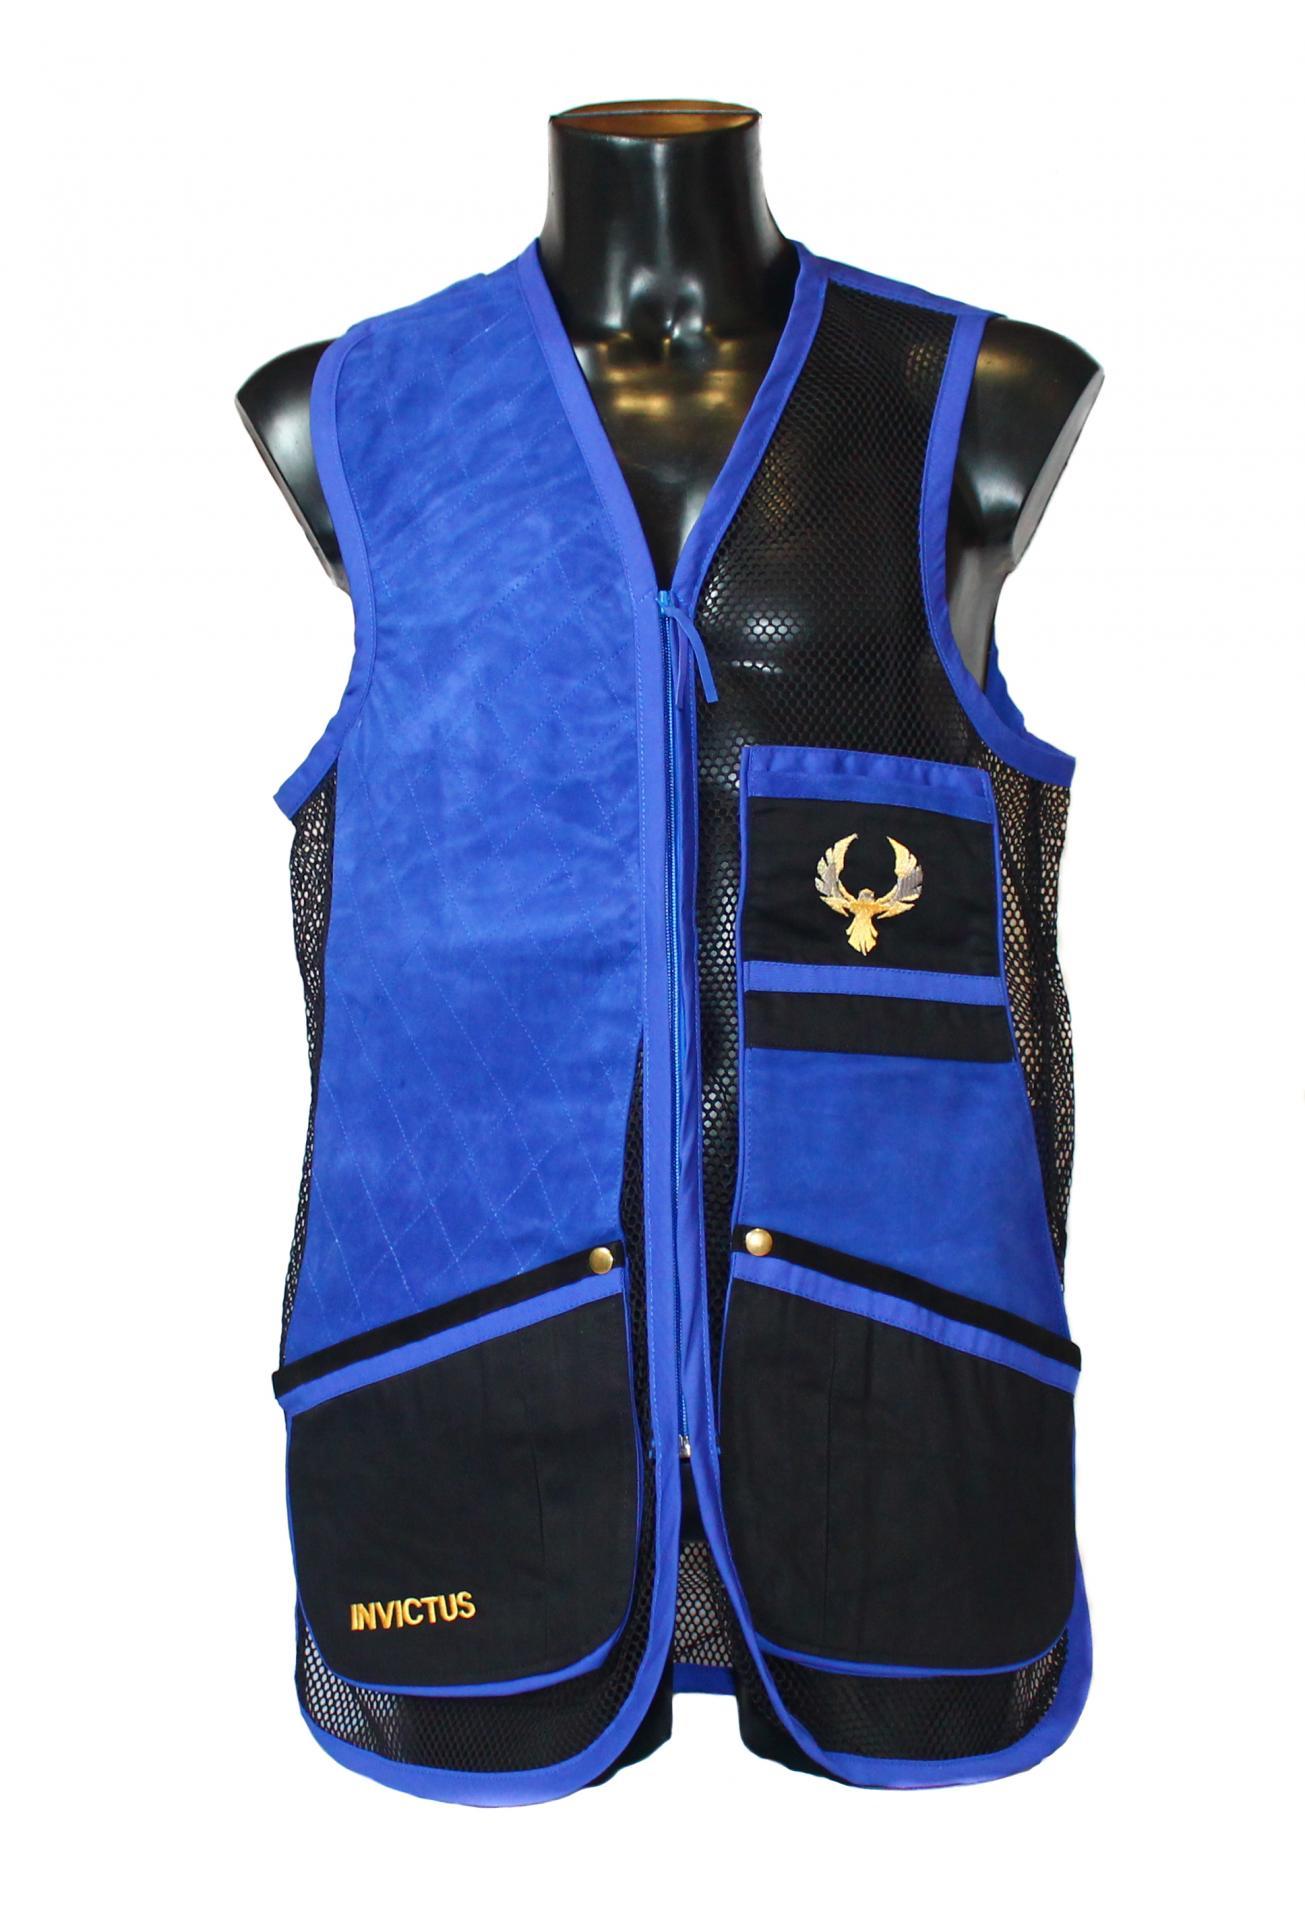 Chaleco GSS INVICTUS (Azul y Negro)